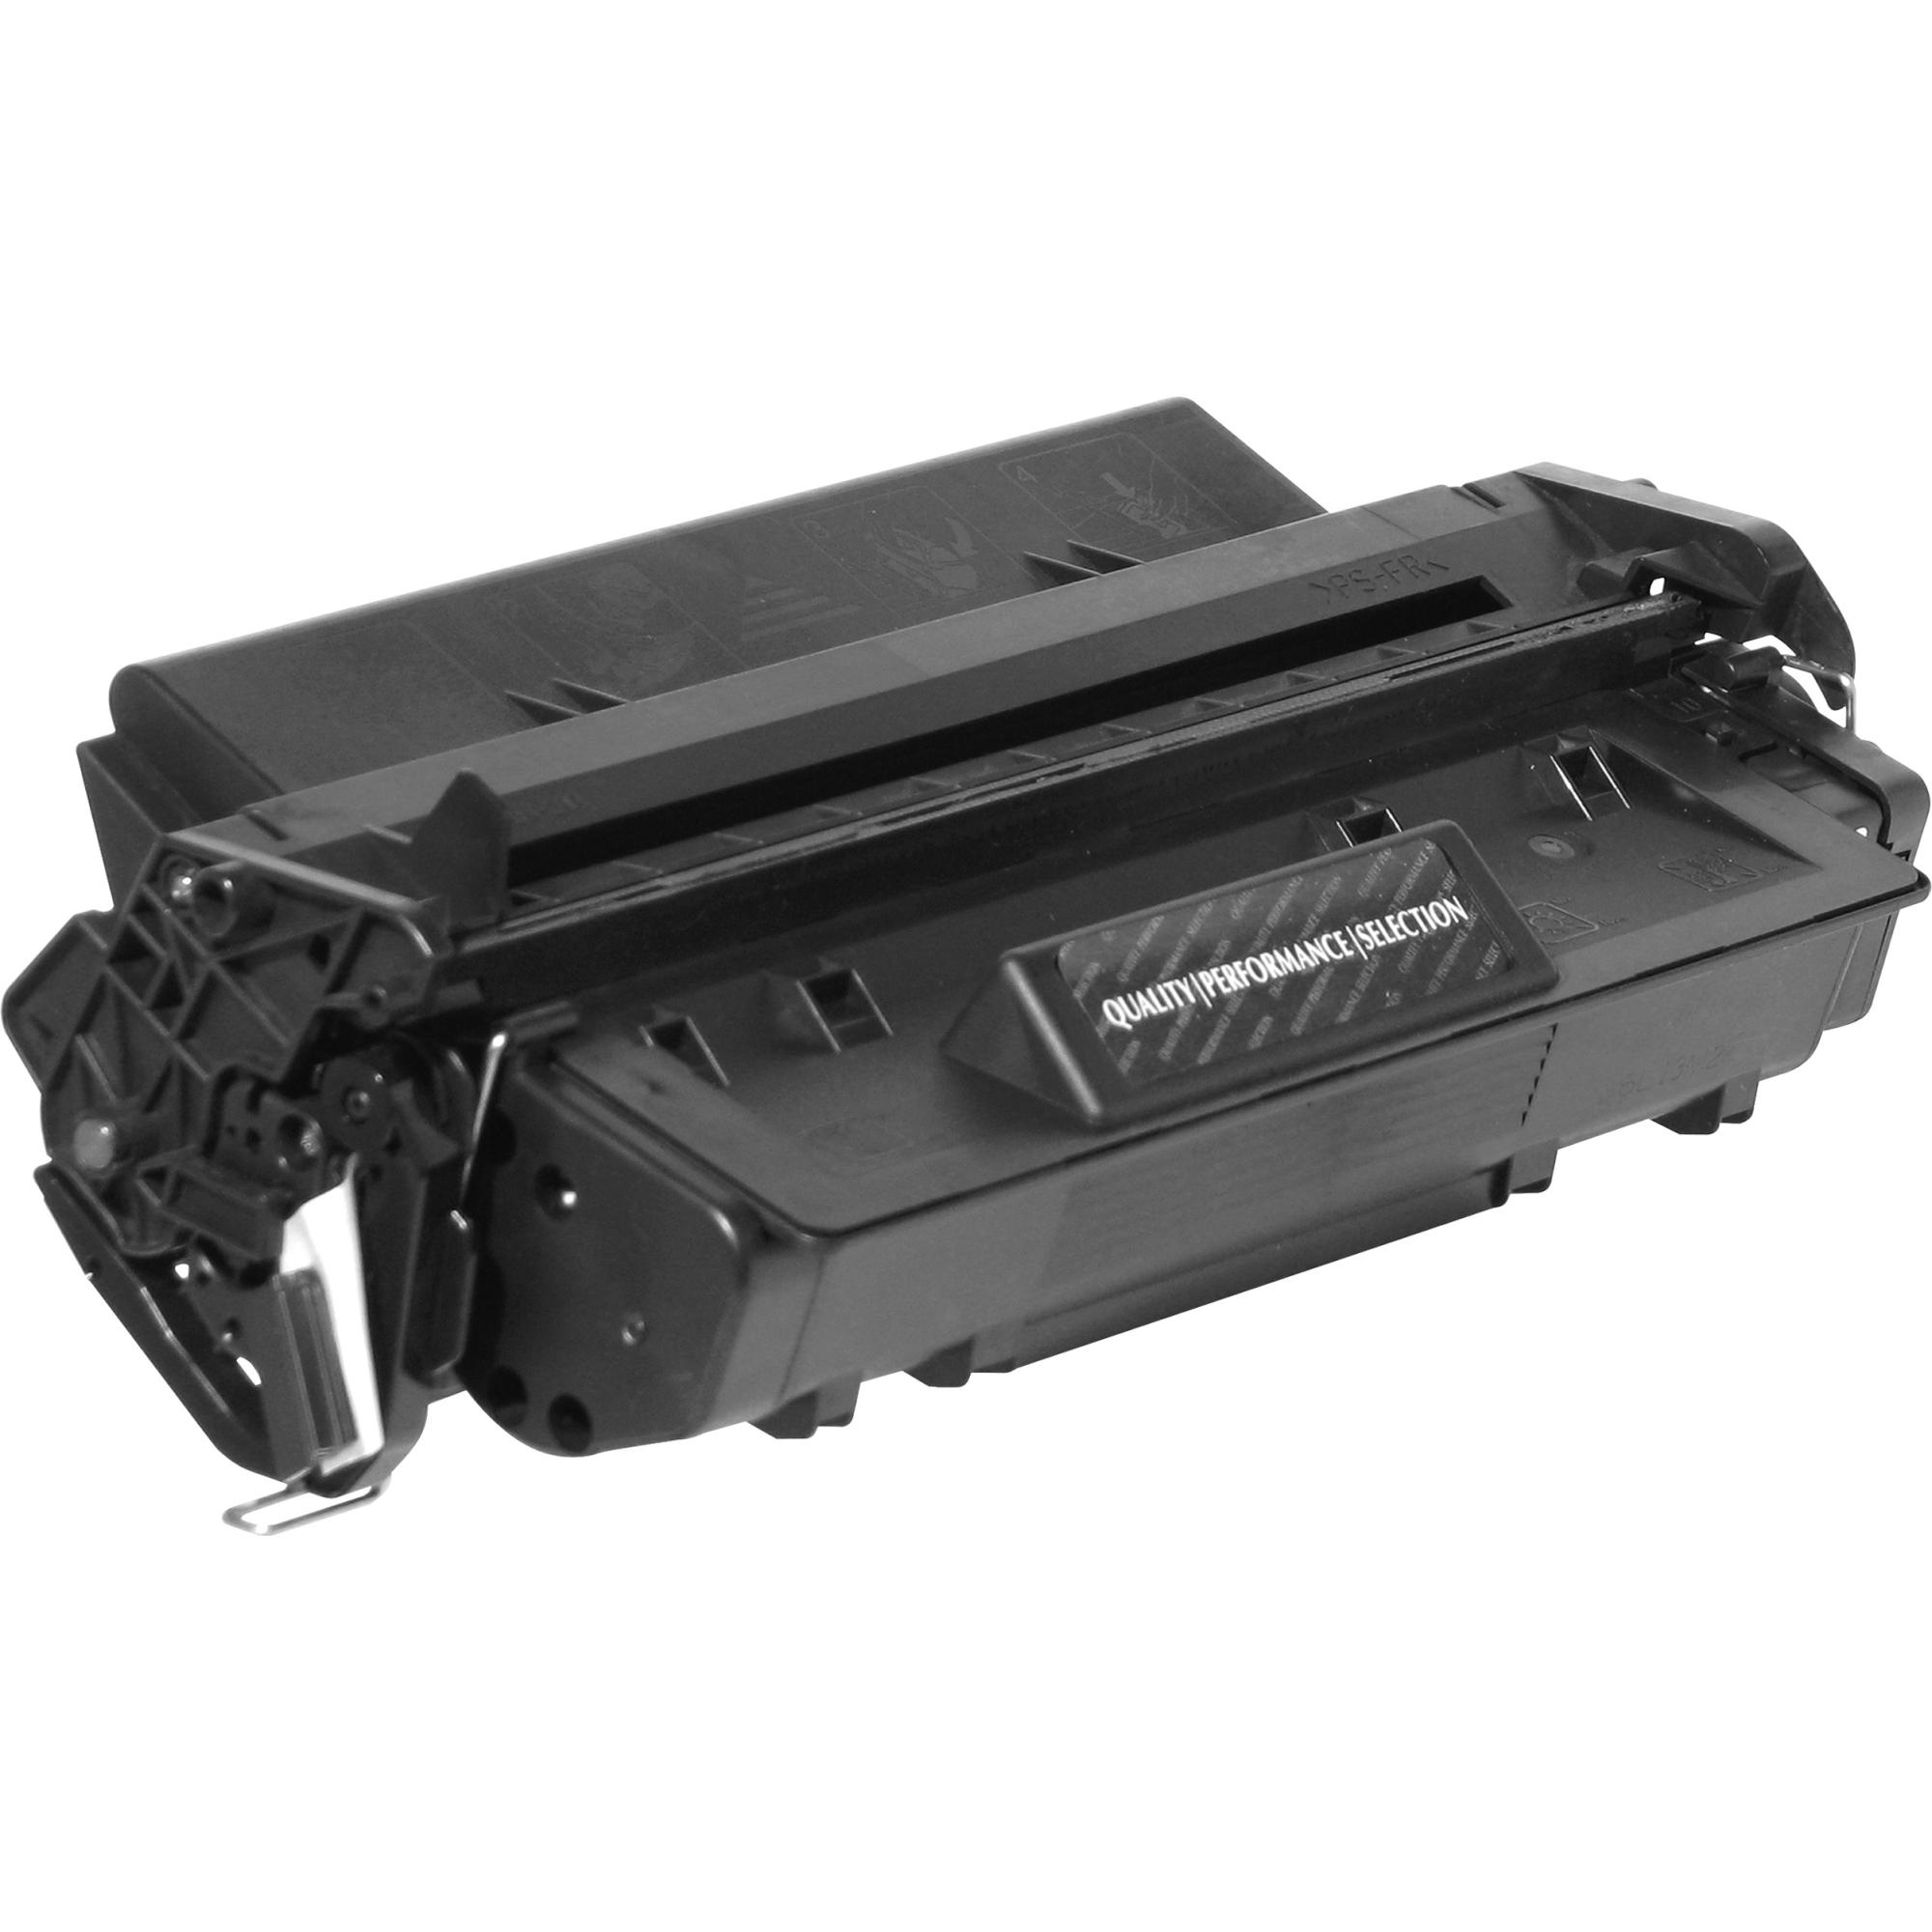 Black Toner Cartridge for HP LaserJet 2100 - Laser - 5000 Page